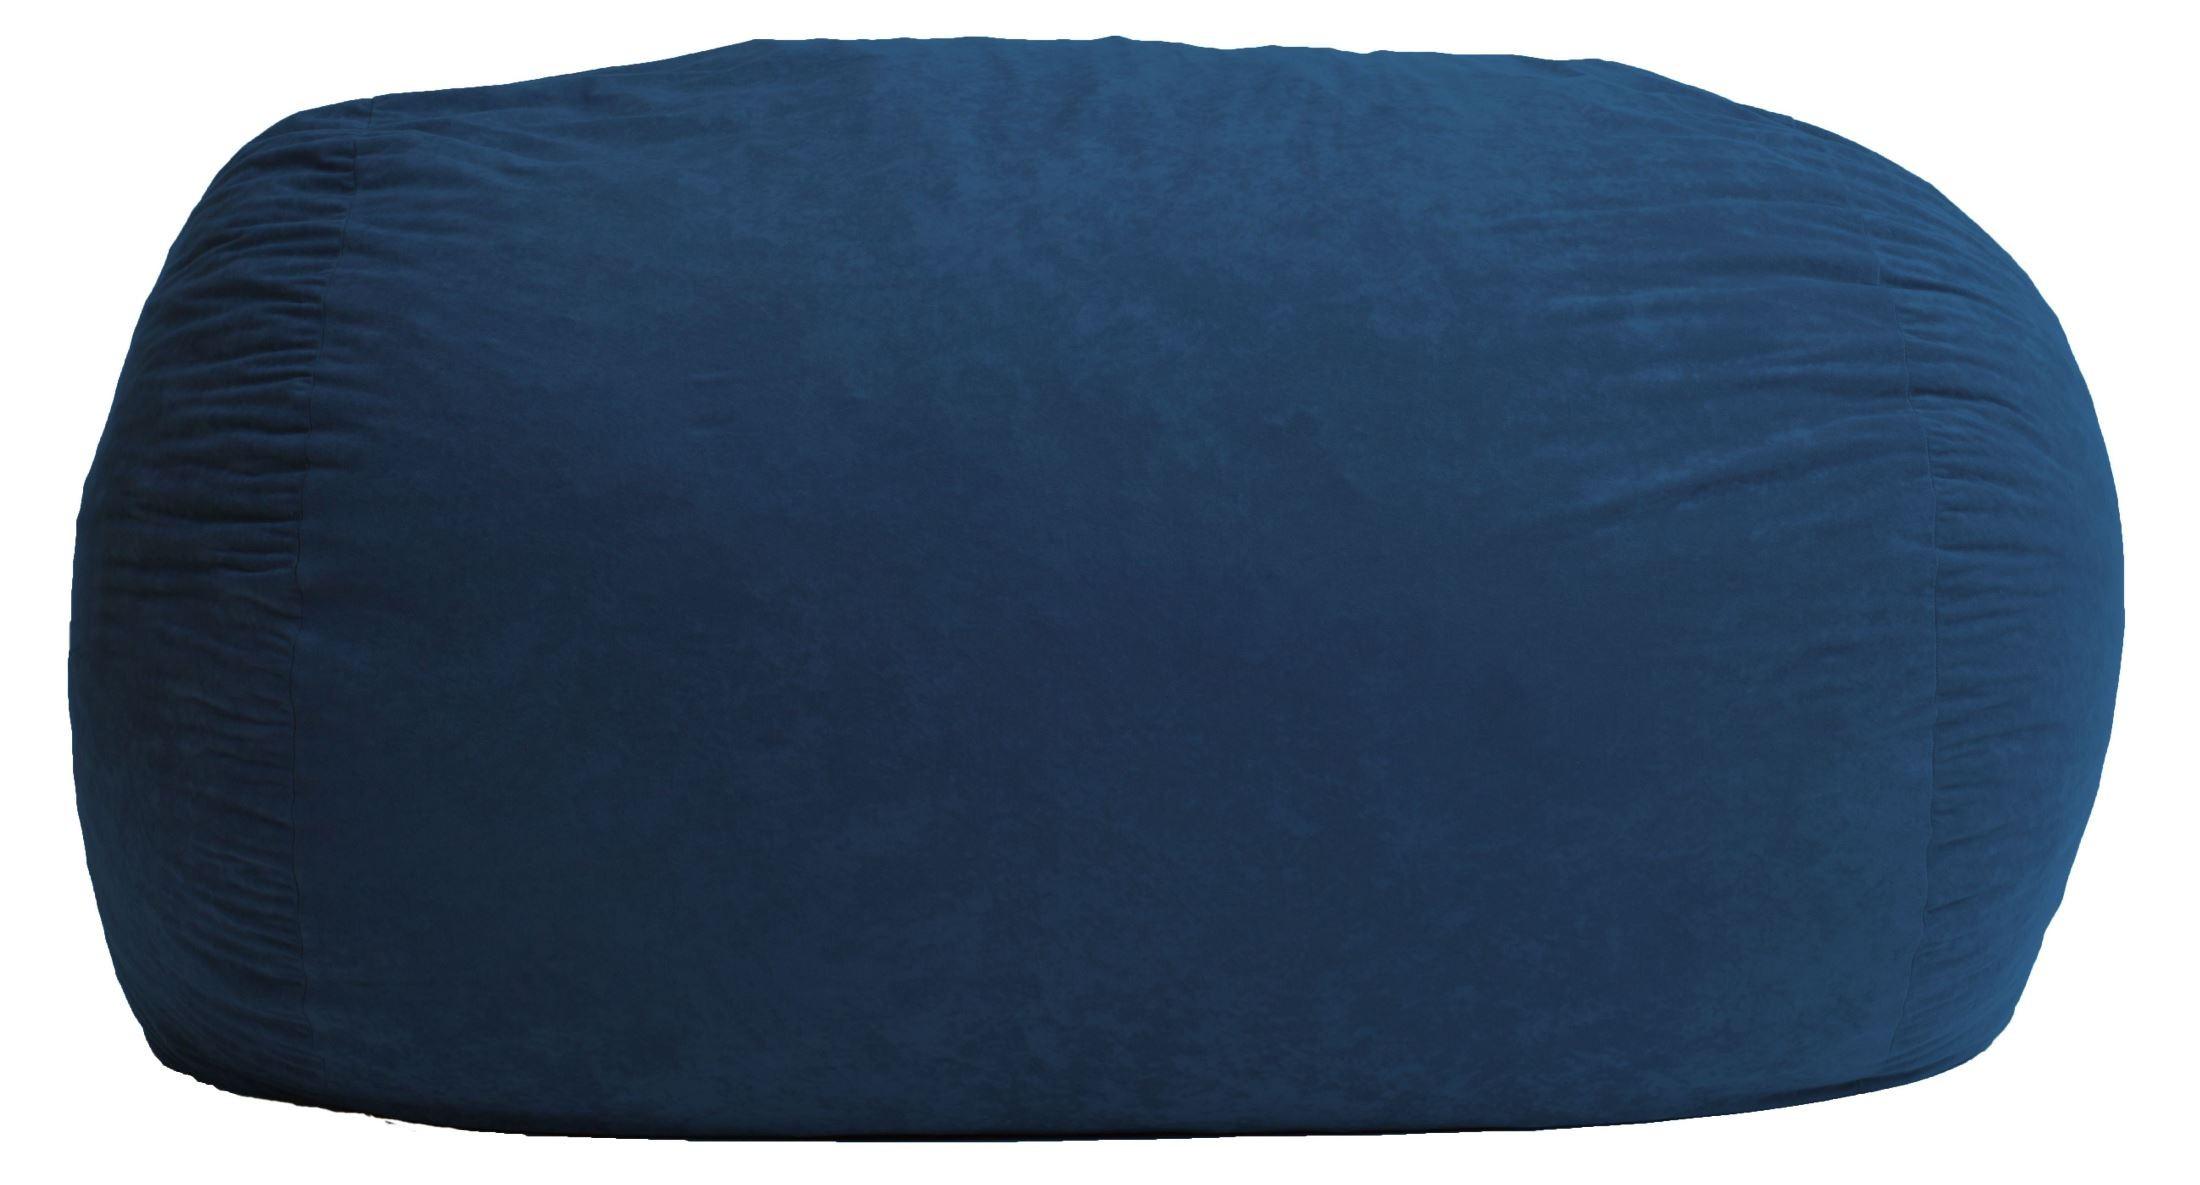 Big Joe Xxl Fuf Blue Sky Suede Comfort Bean Bag From